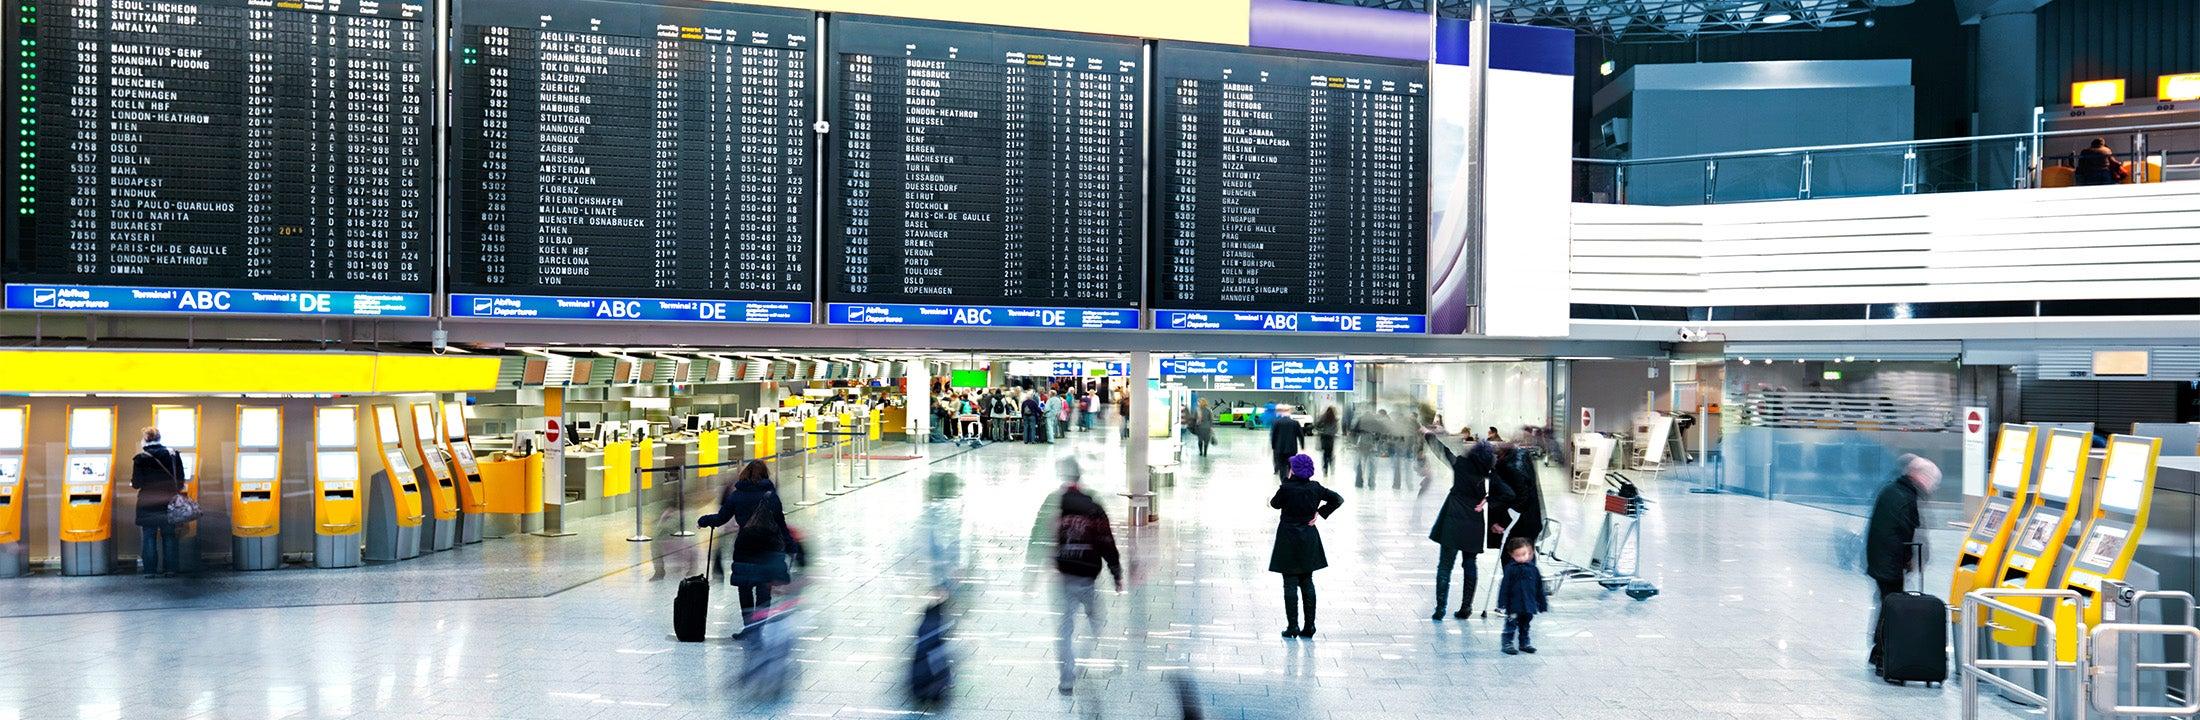 Aankomst- en vertrekhal van een luchthaven